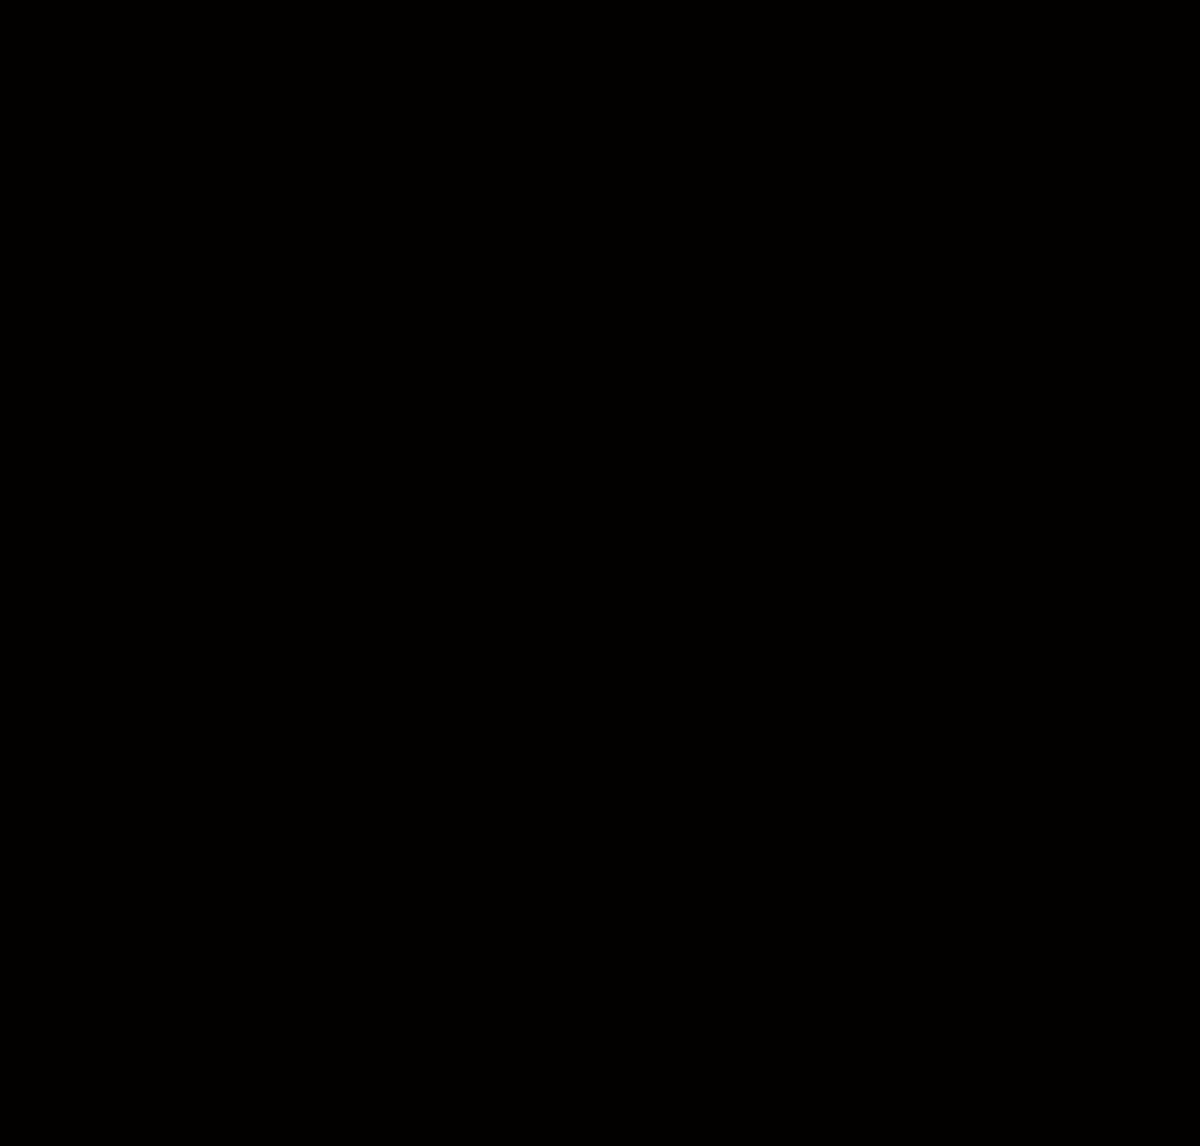 家のシルエットイラスト